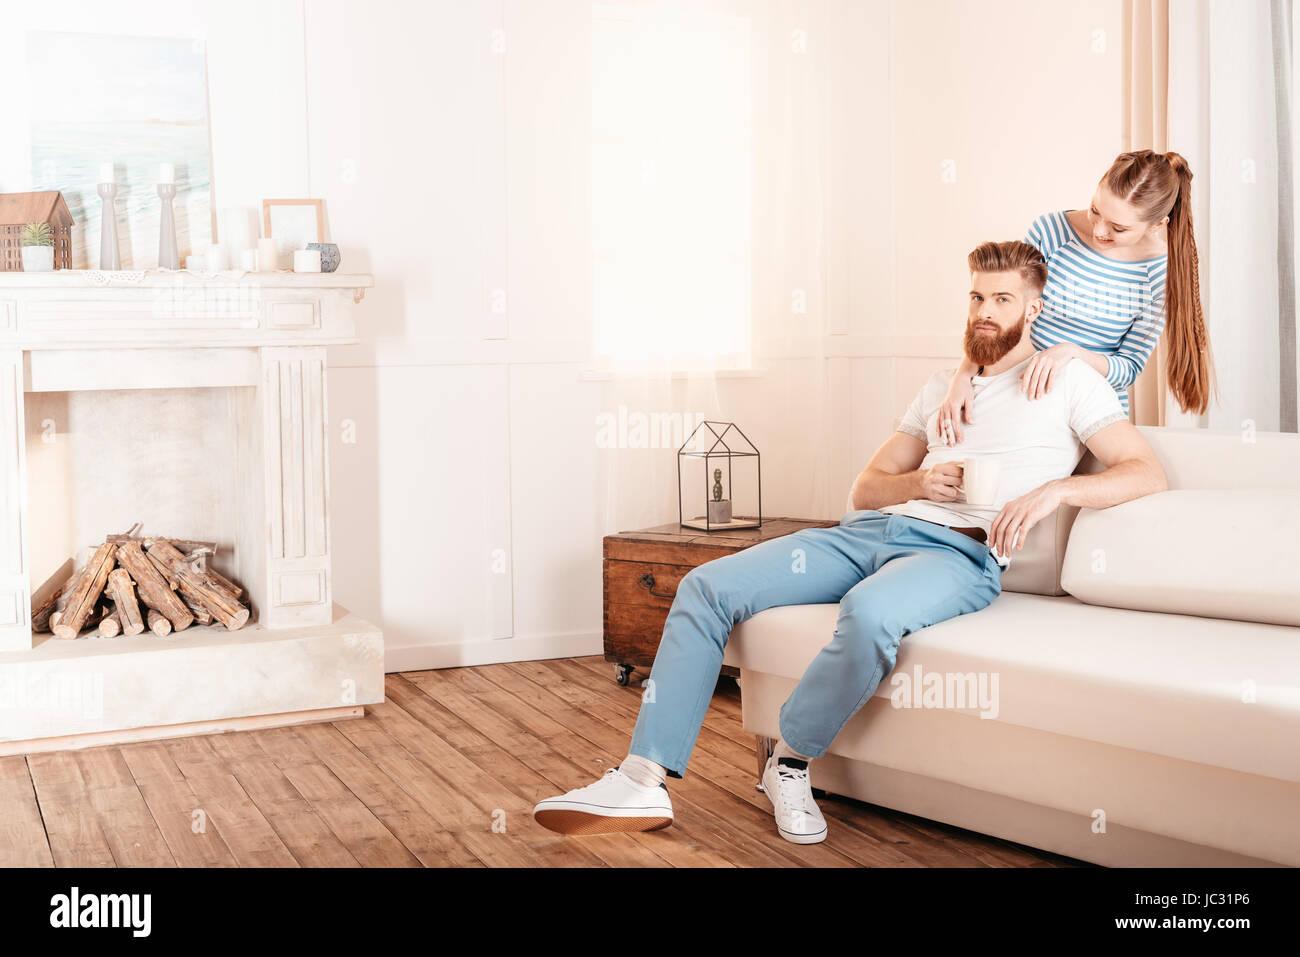 Hermosa joven abrazando apuesto hombre barbado sentado en un sofá en casa Imagen De Stock